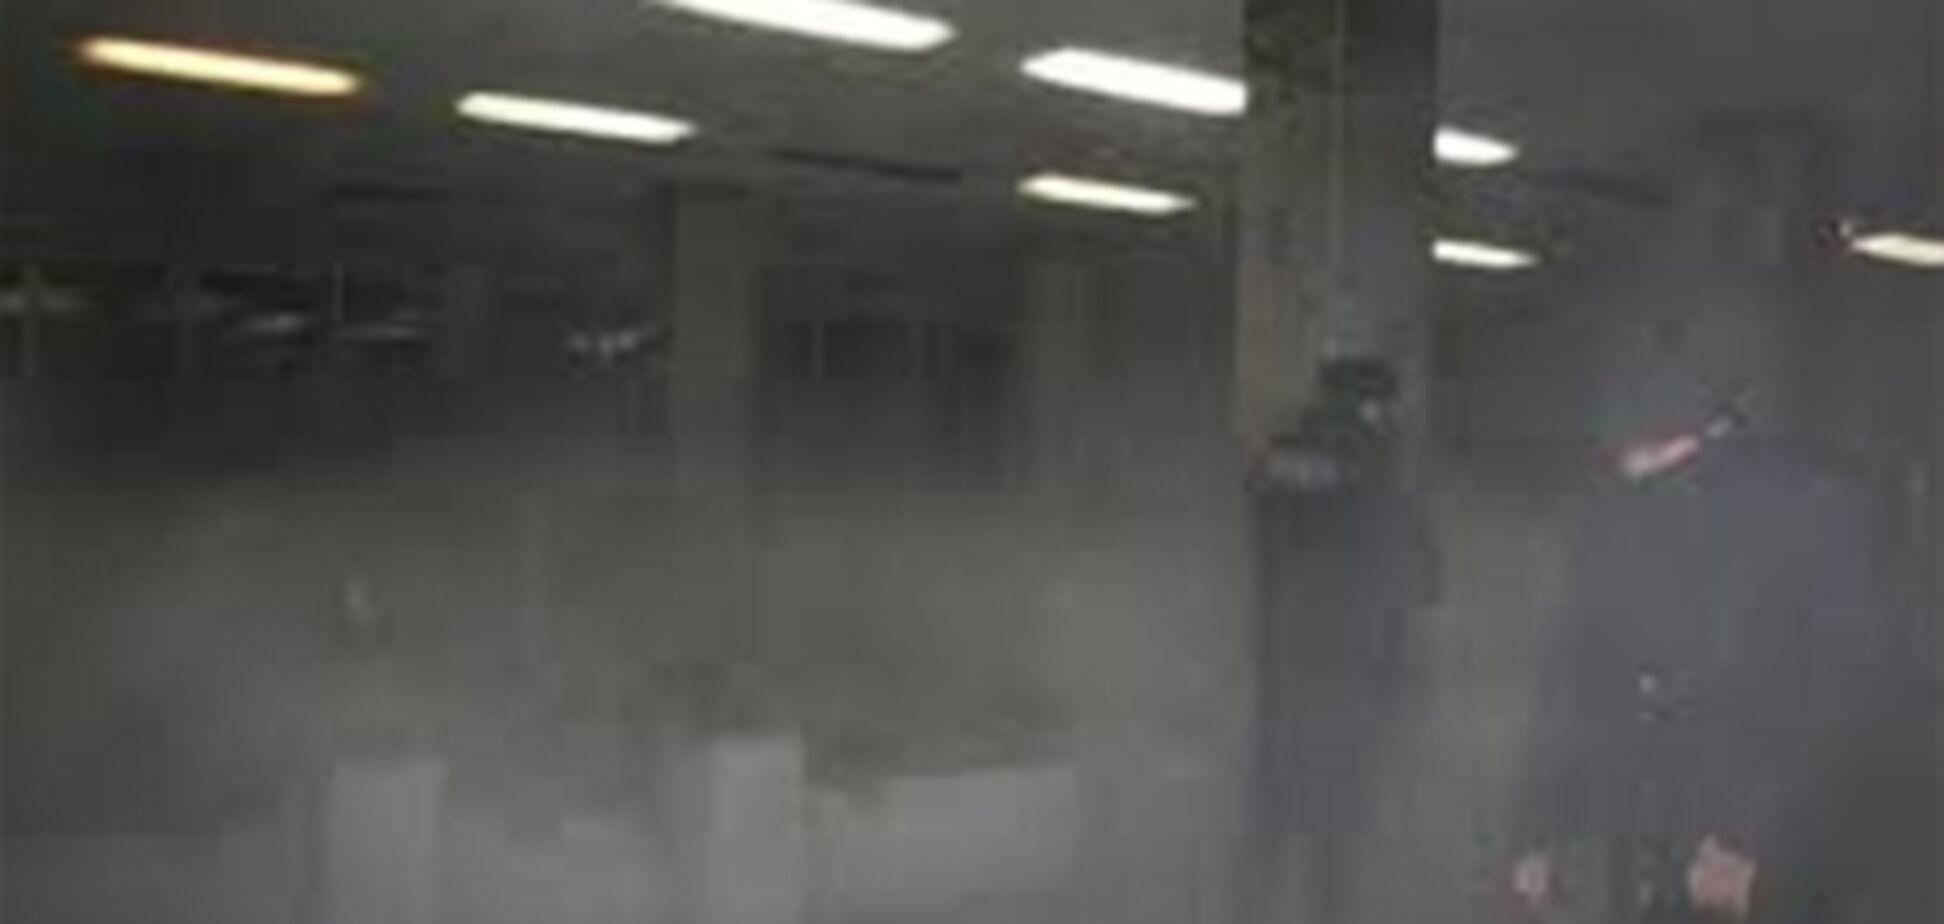 Живодерство от ДПС. Травили газом водителя с собакой. Видео